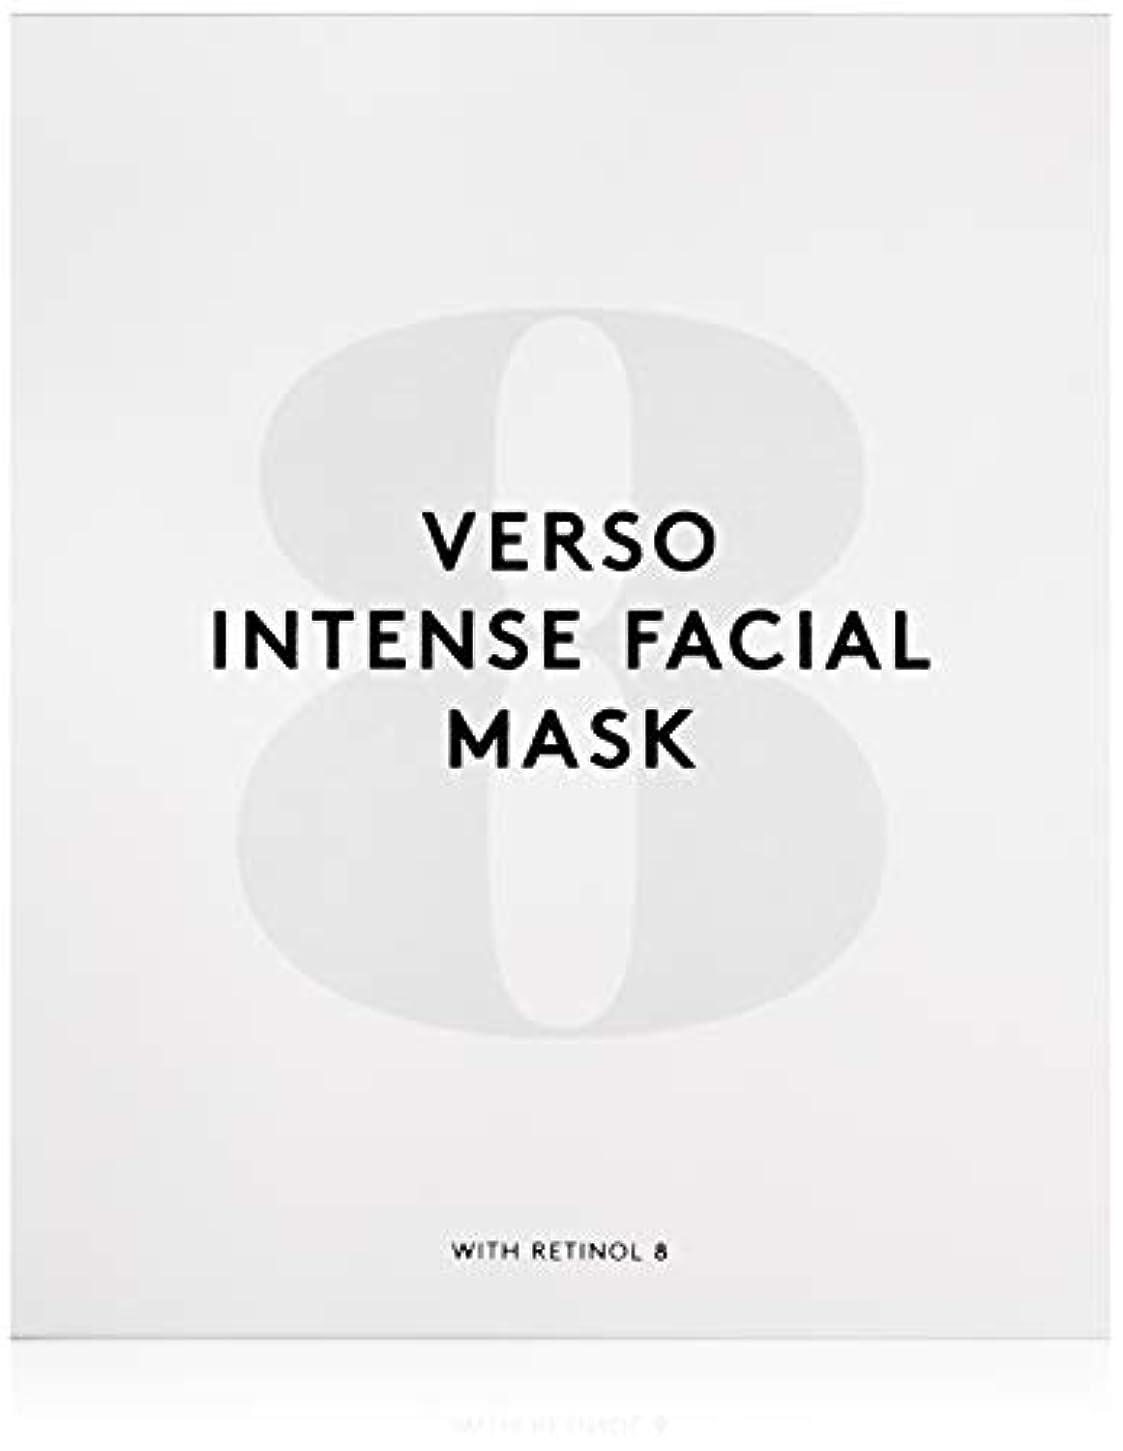 めまい専門化する矢印ヴェルソスキンケア インテンスフェイシャルマスク 4x25g/0.88oz